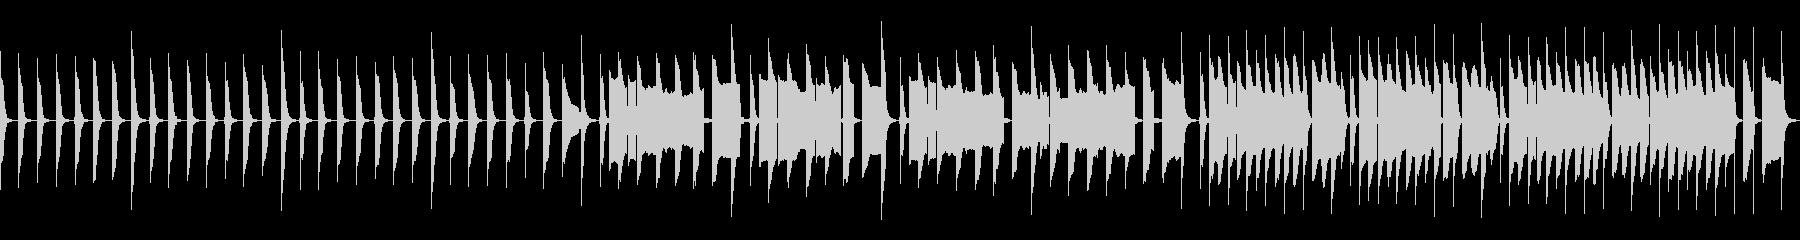 脱力なリコーダー練習の未再生の波形